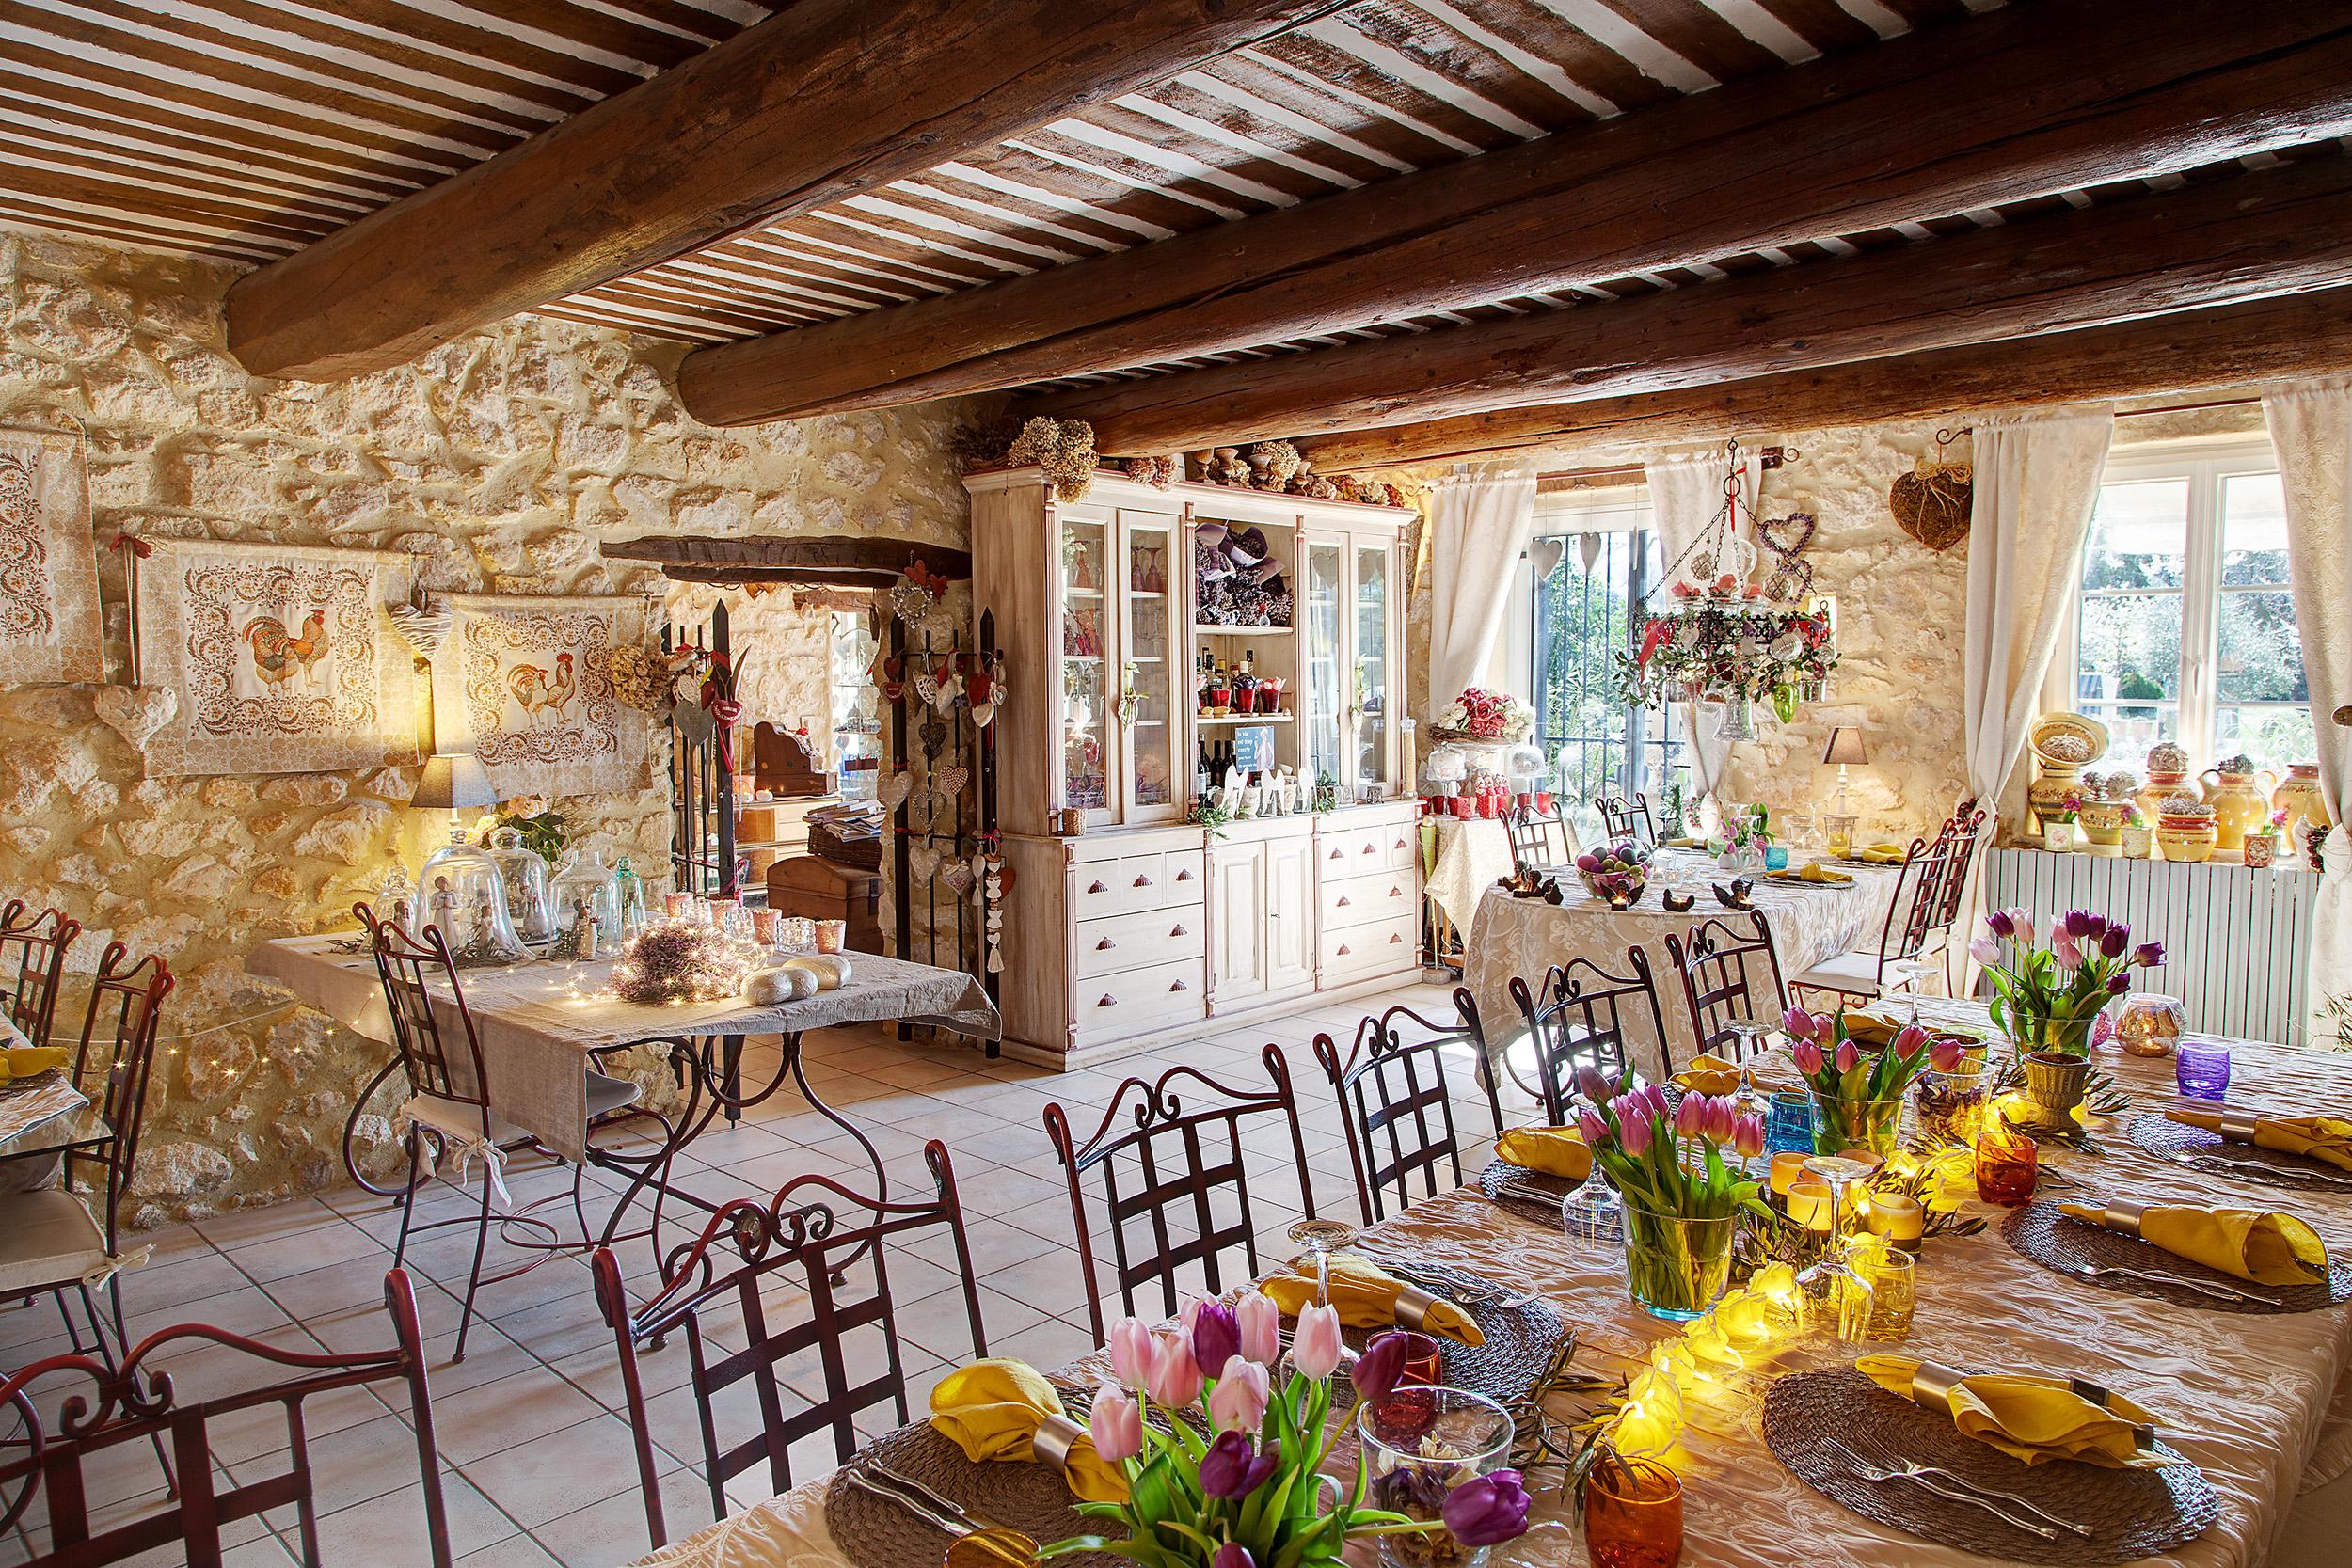 Chambre D'Hôtes Provence, Séjour Roulotte - Le Mas Du à Chambre D Hote Porquerolles